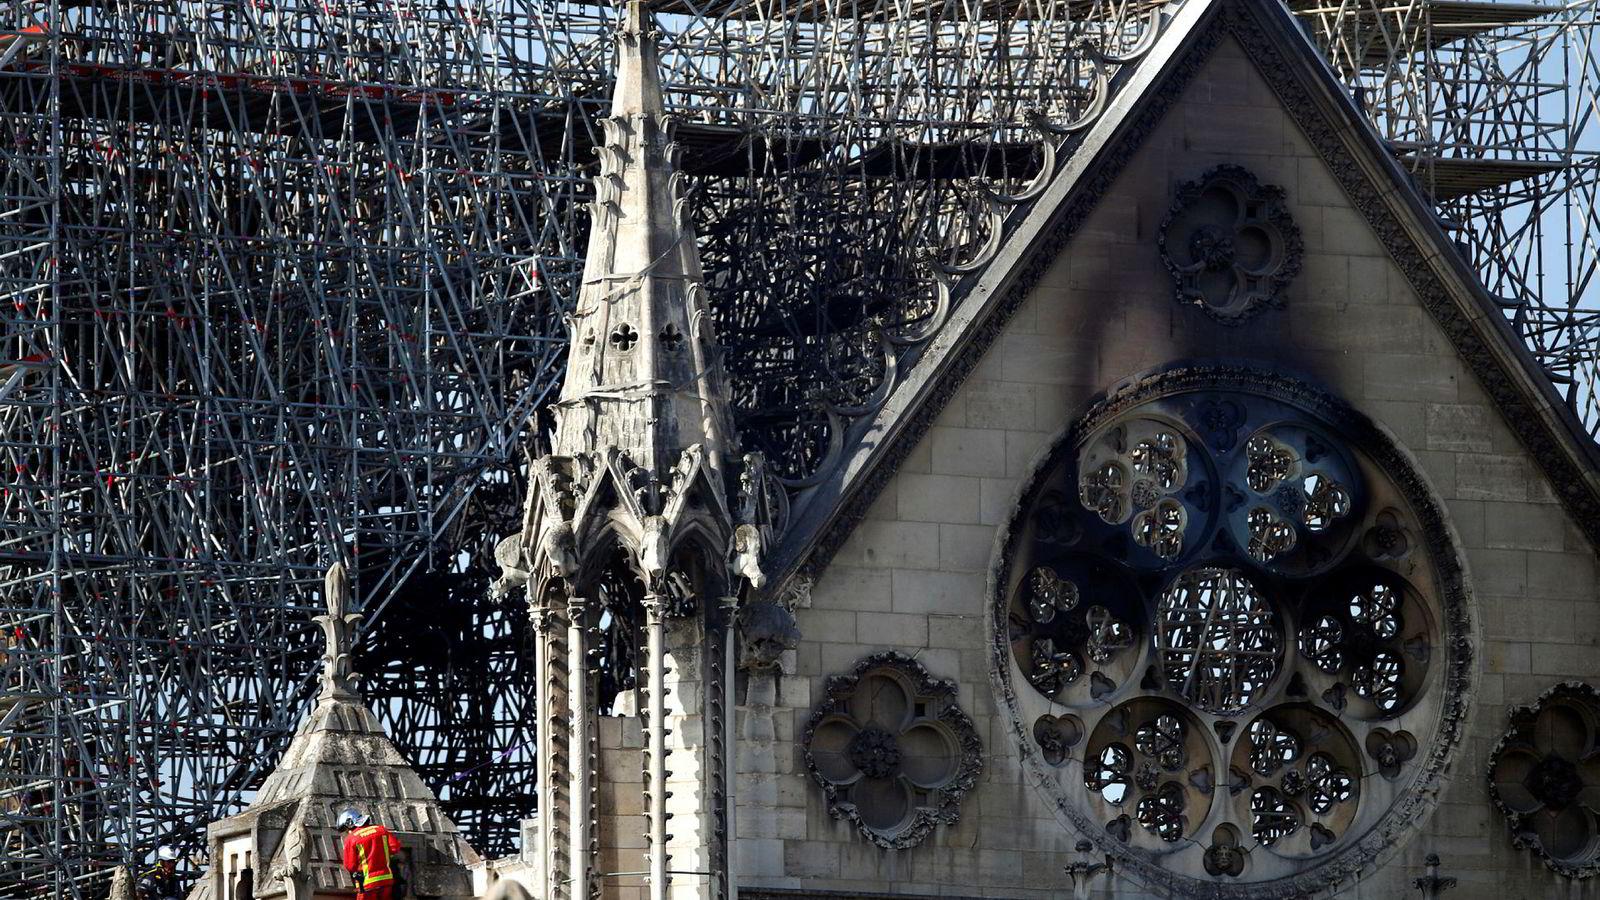 En brannmann beveger seg opp på en balkong i Notre-Dame onsdag, to dager etter den ødeleggende brannen i katedralen.